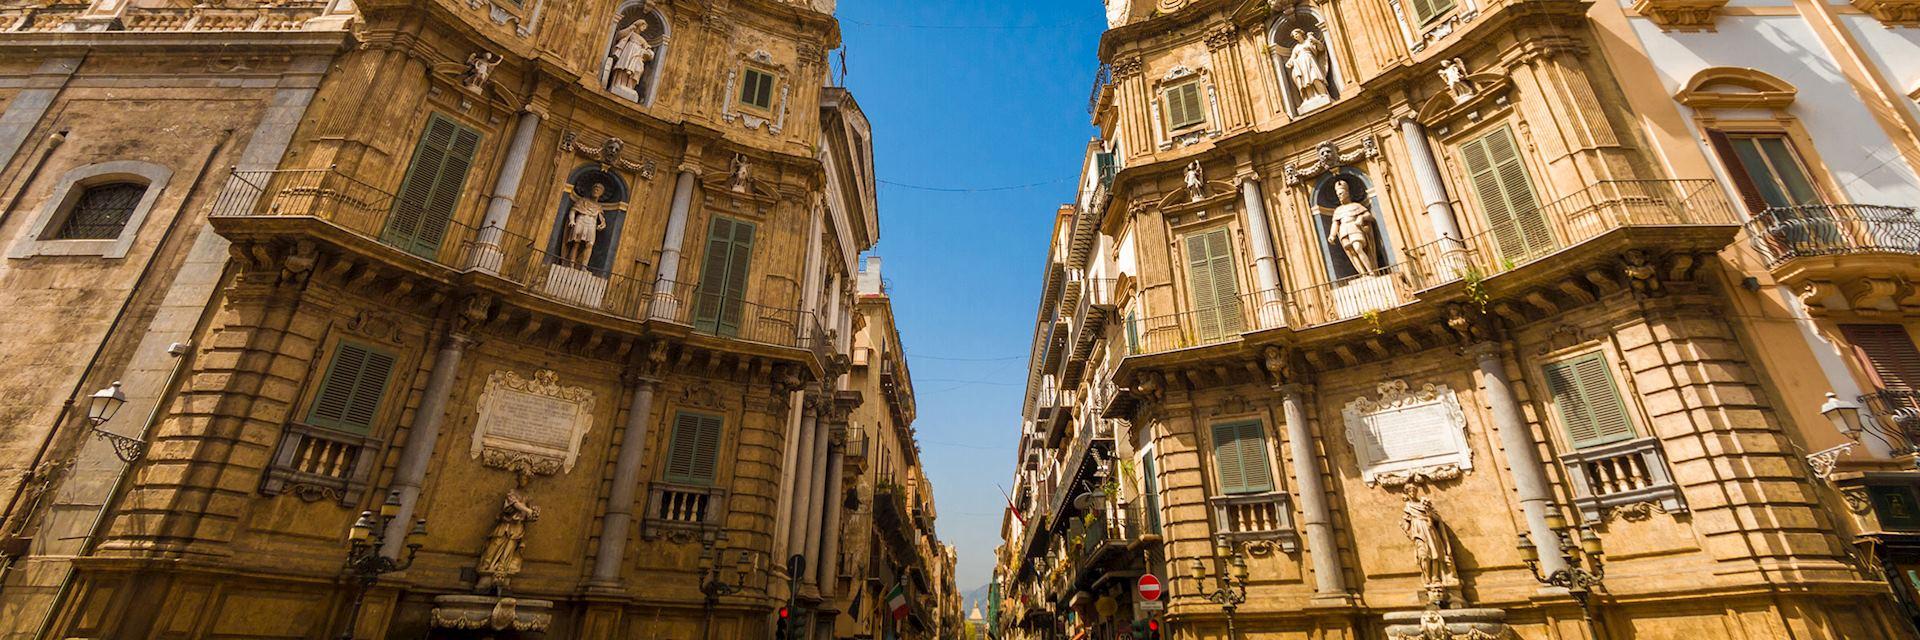 Quattro Canti Square, Palermo